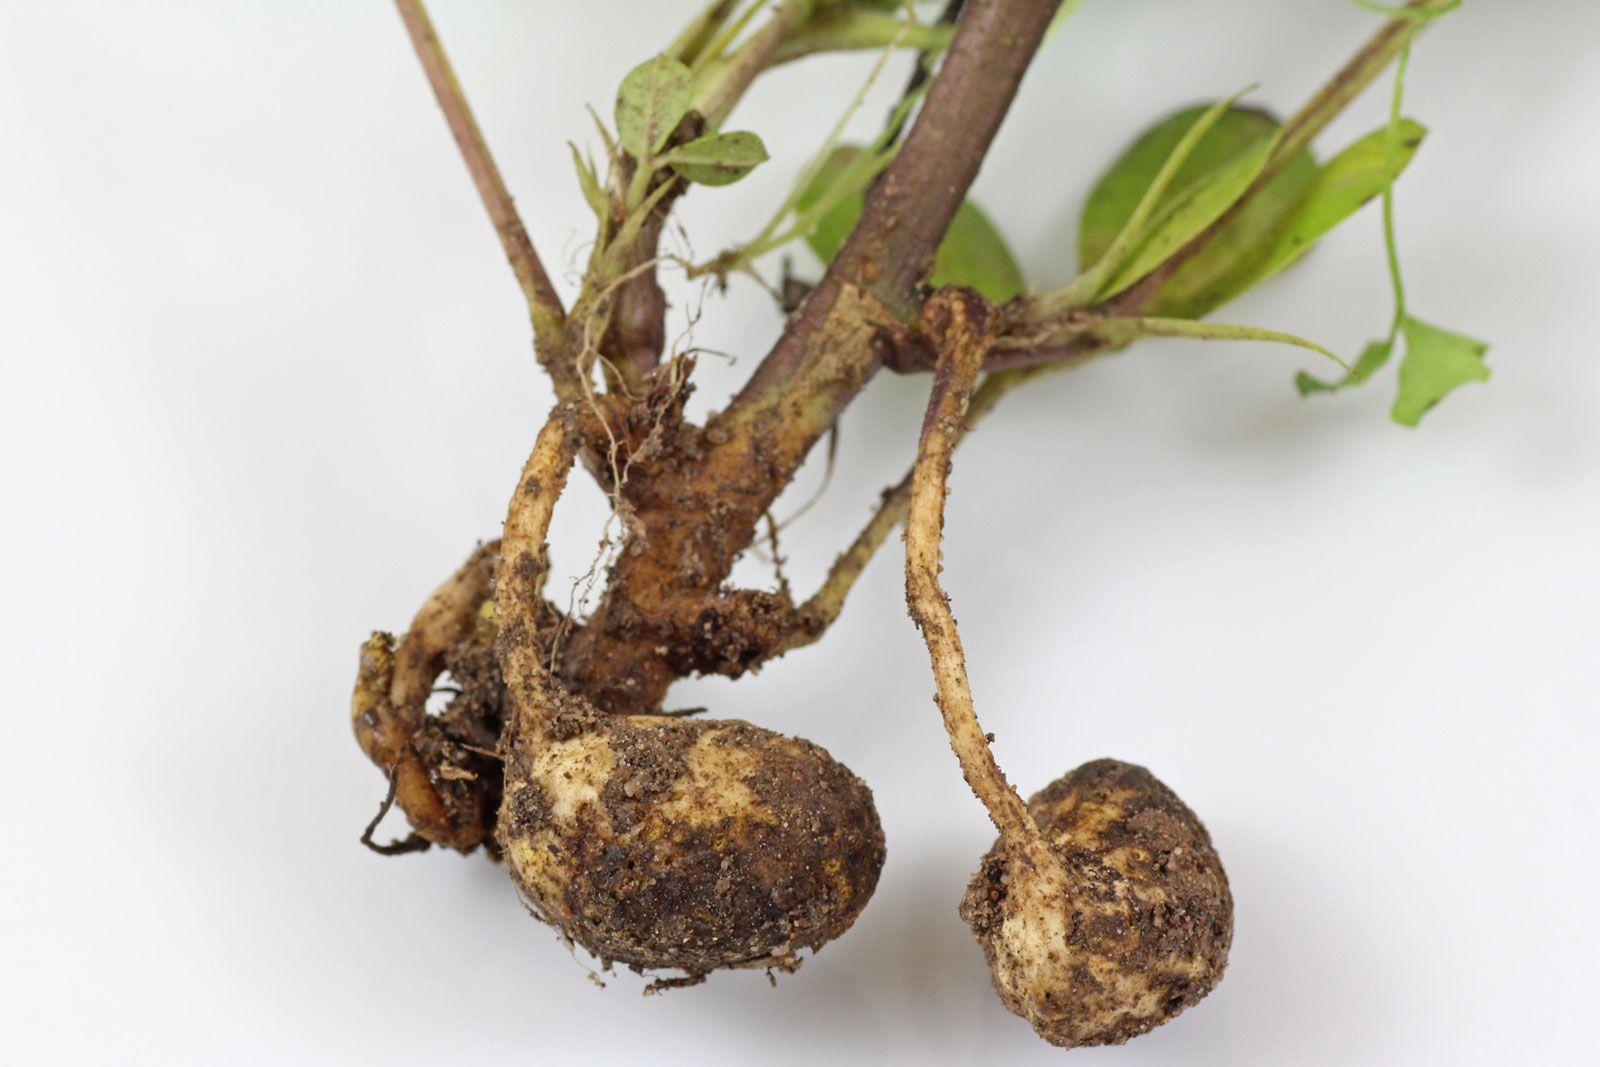 Erdnusspflanze Erdnusse Anbauen In 2020 Pflanzen Erdnuss Erde